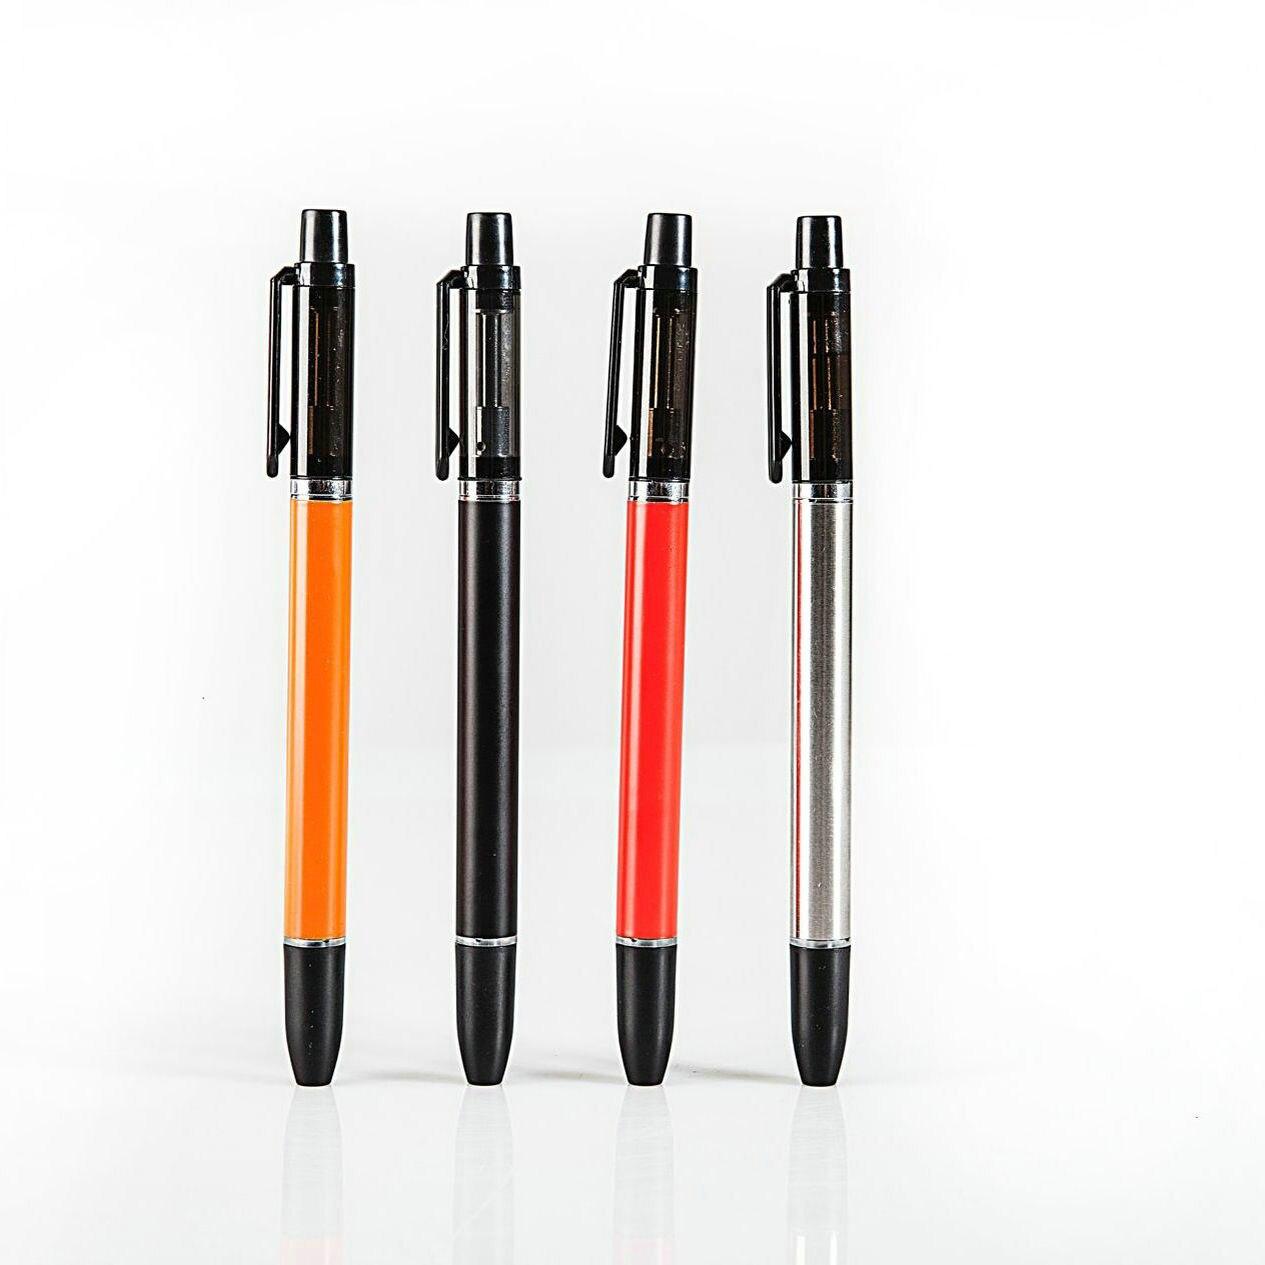 SS304 E-Cigarette Writing Pen Vape Kit 350mAh Built-in Battery With1ml Capacity E-cigarette Vapee Rda Rta Vapes VS EGO